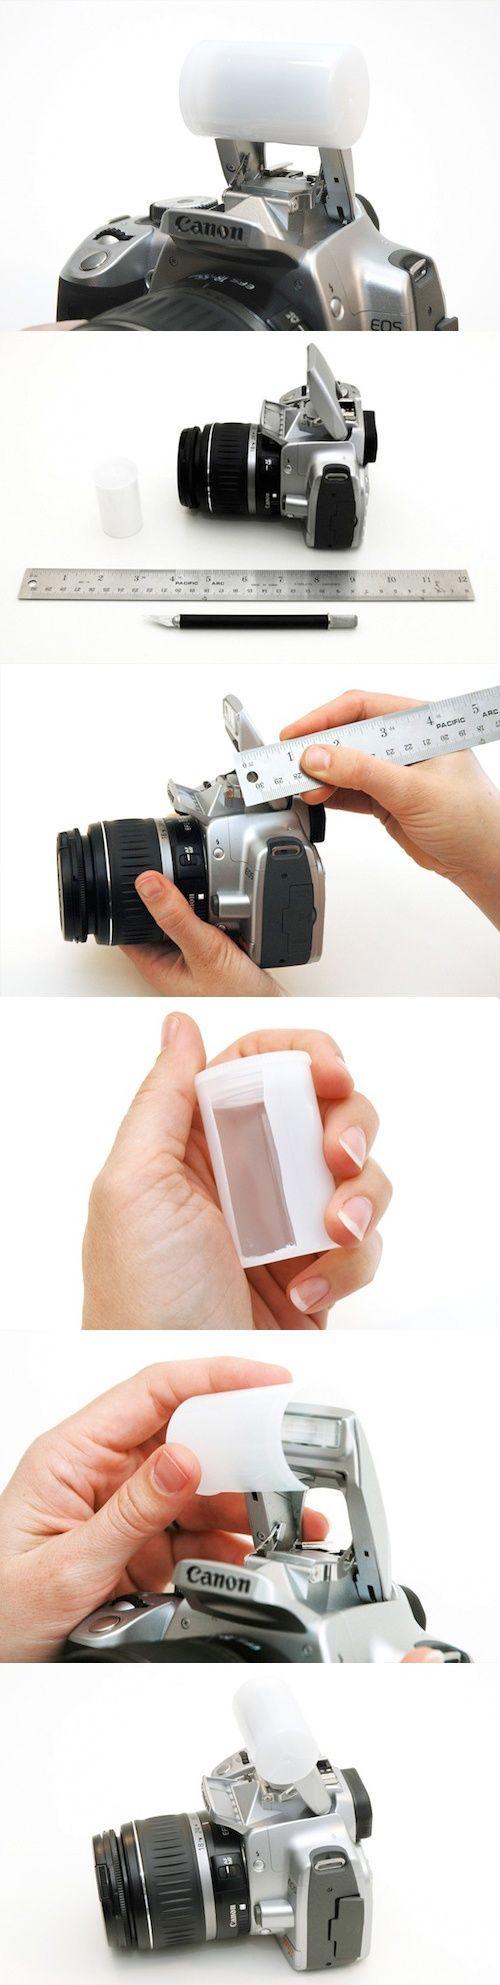 Ideias camera